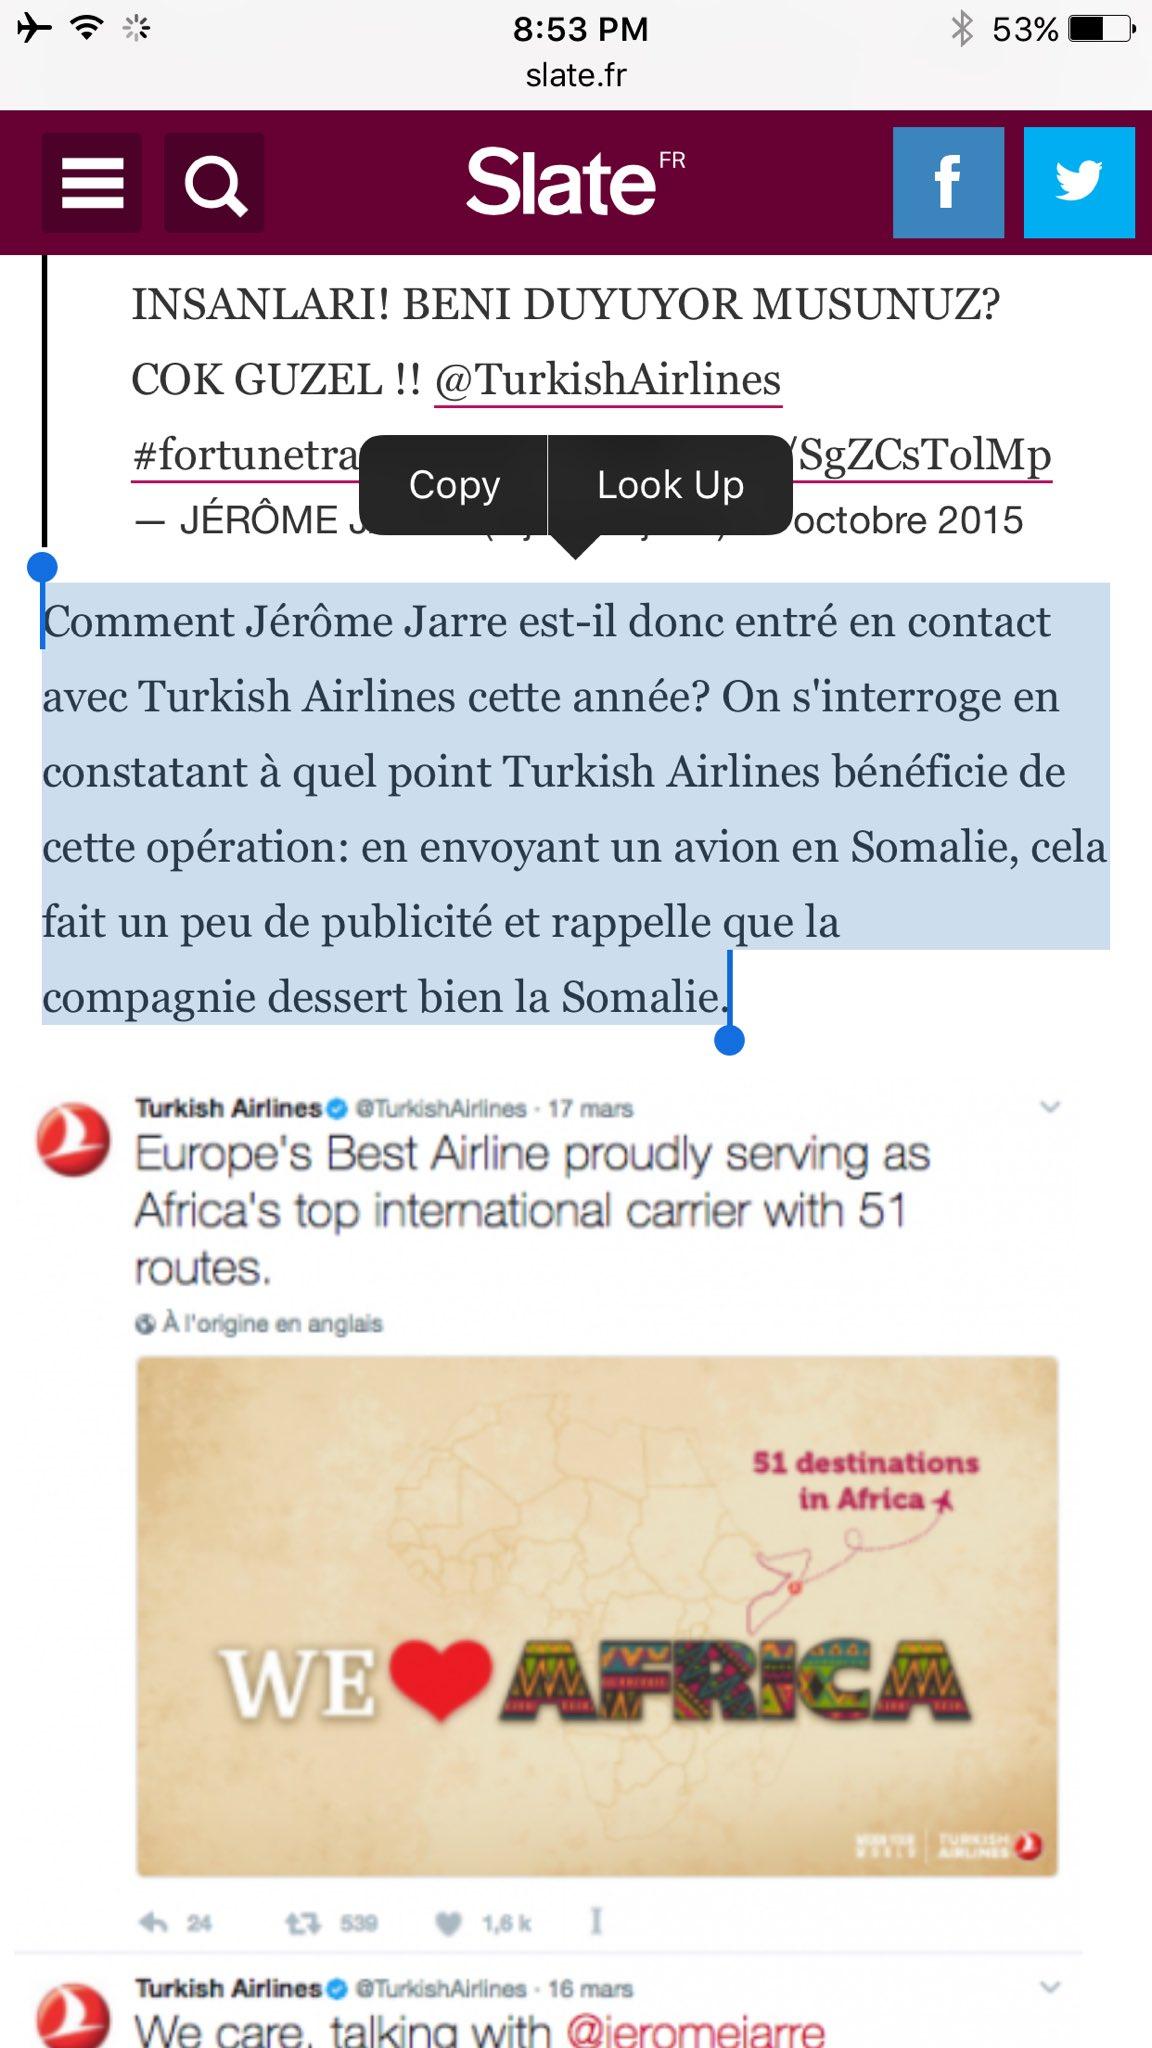 32. Pire que ça l'article insinue meme qu'il s'agirait en fait d'une campagne publicitaire pour Turkish Airlines https://t.co/B6FnsdpHaK